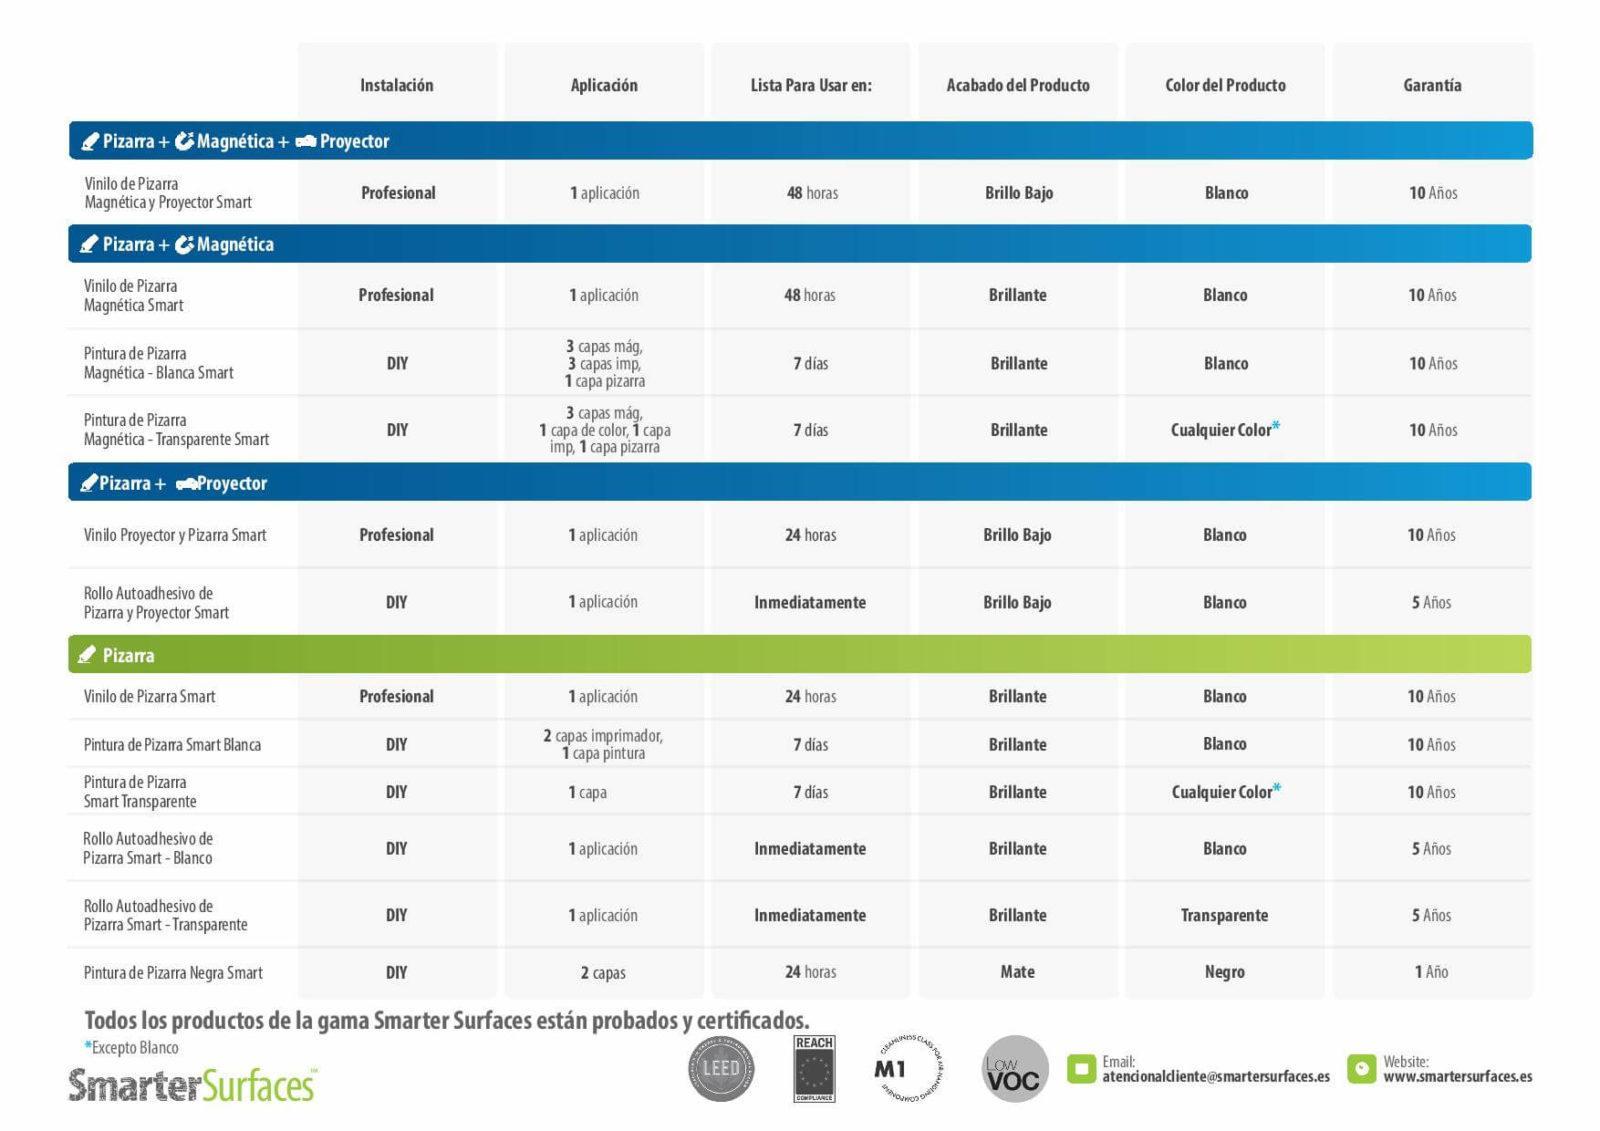 Comparación de Productos Smarter Surfaces Spain